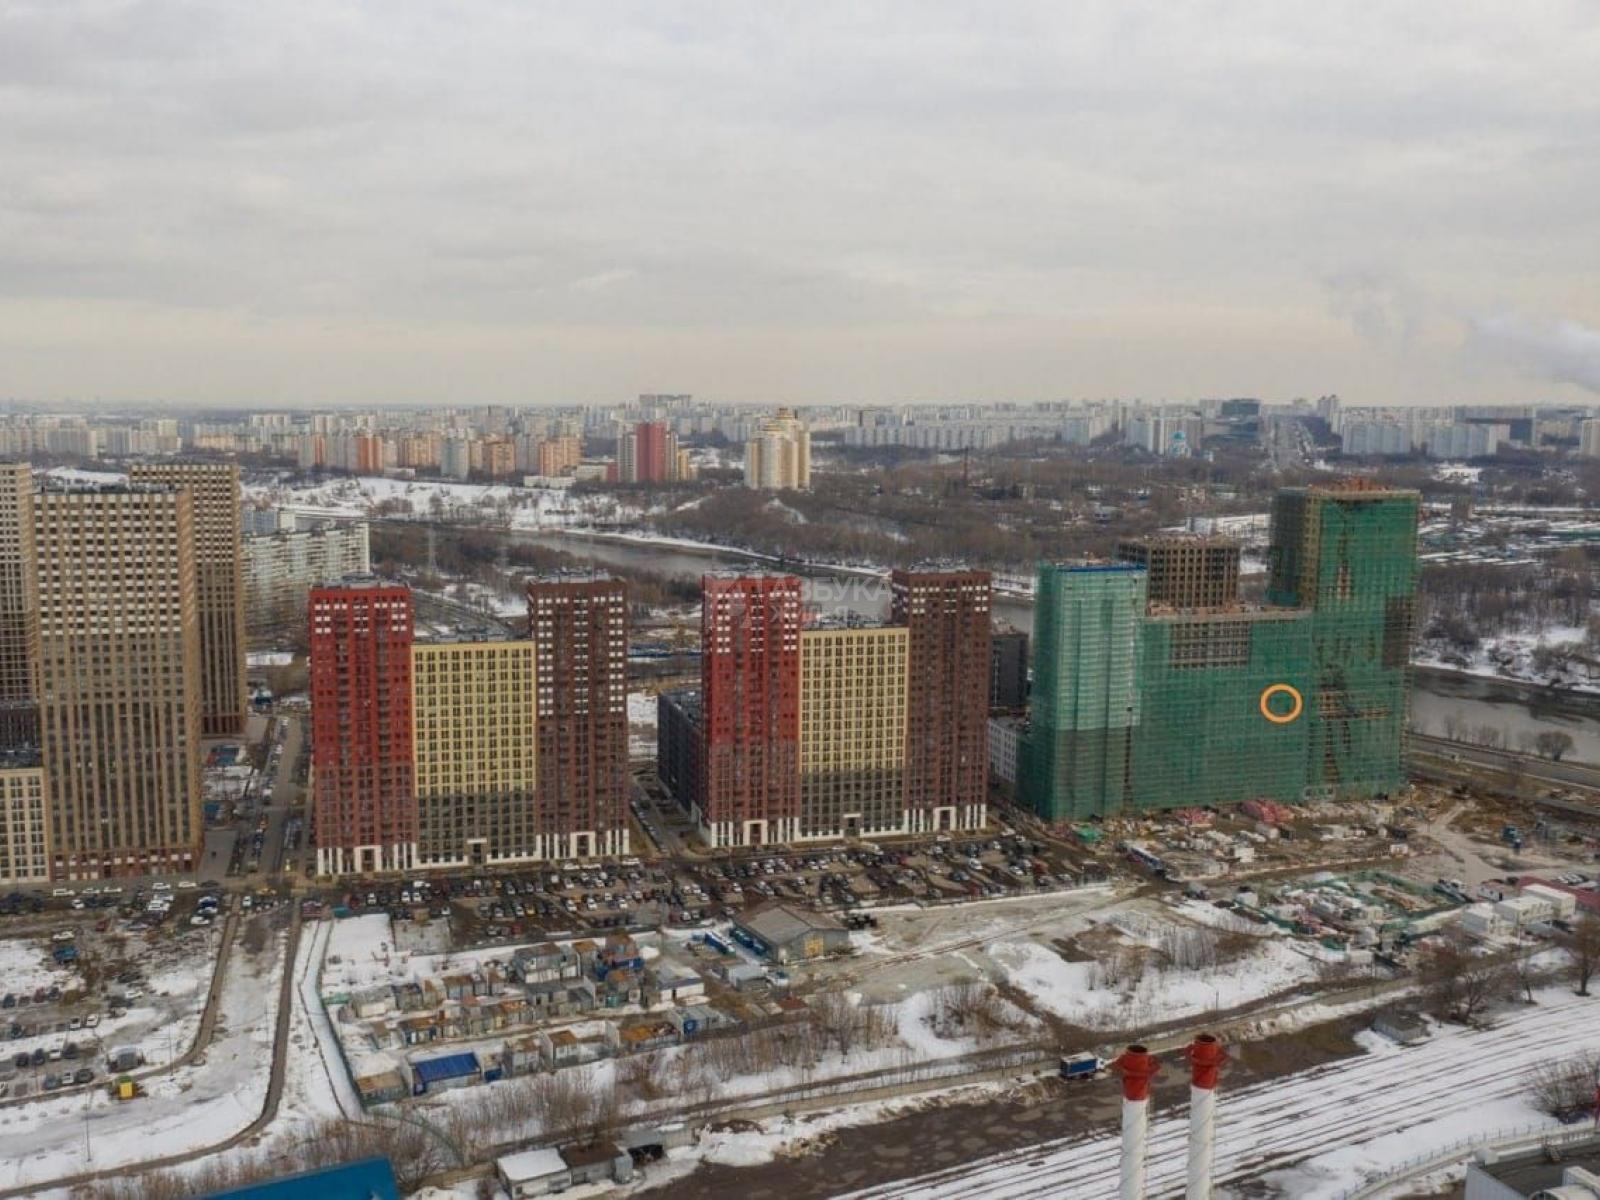 Фото №2 - 1-комнатная квартира, Москва, Донецкая улица 34 корпус 3, метро Марьино